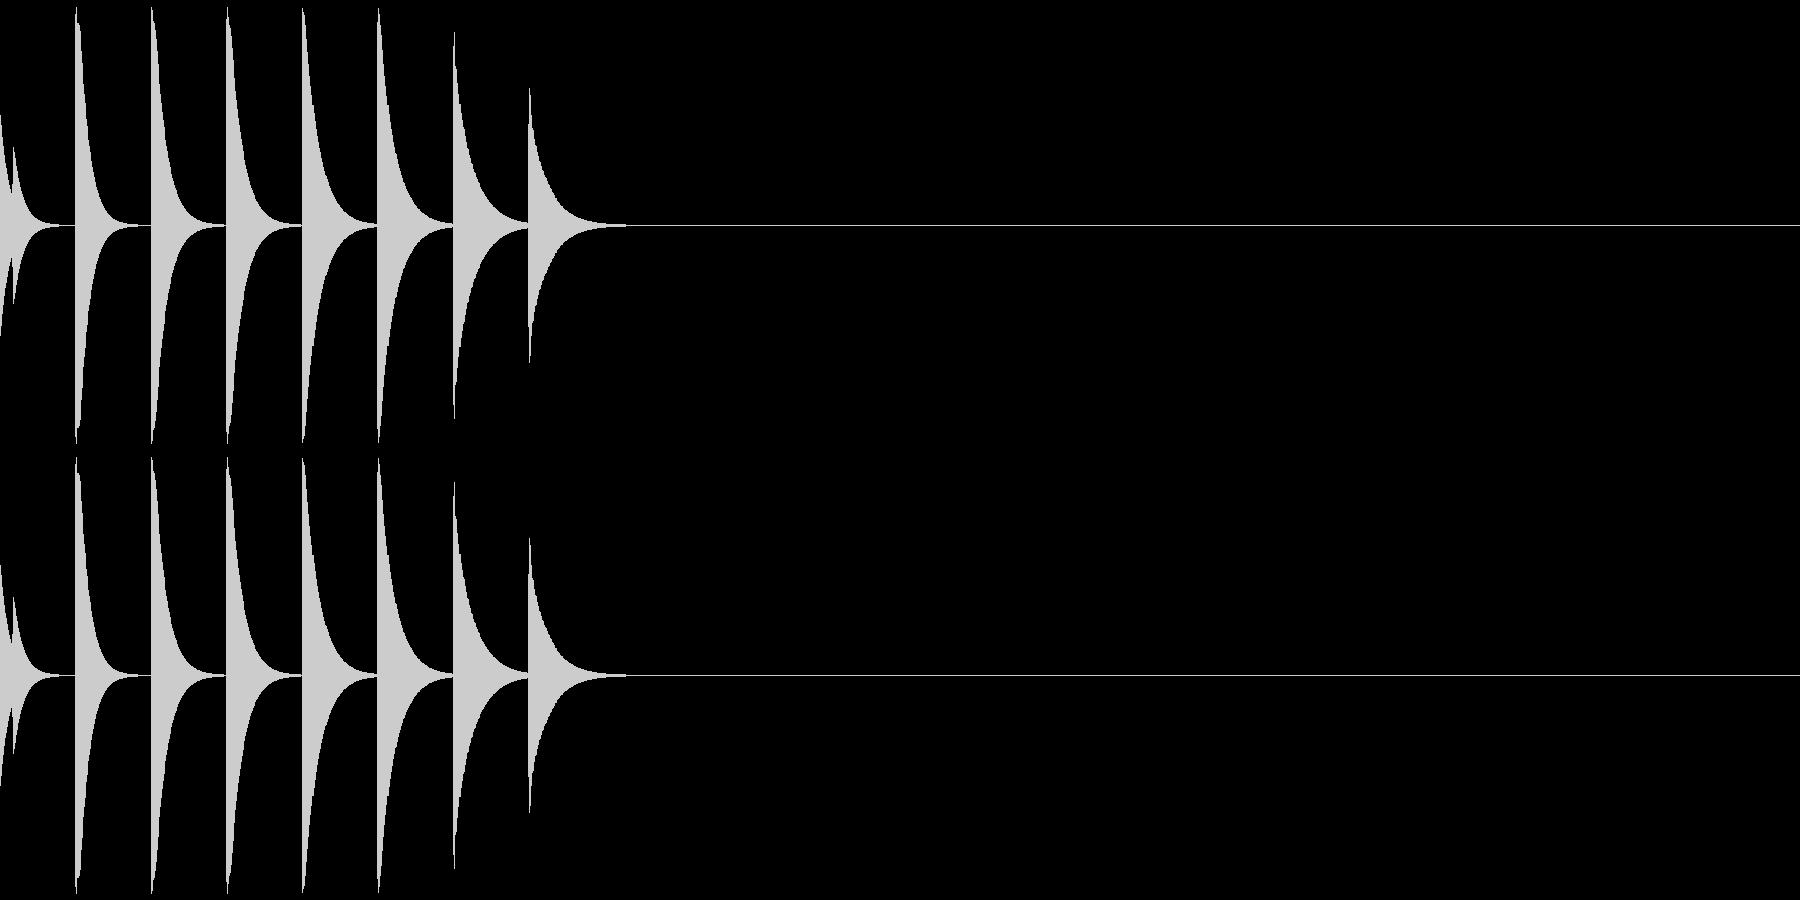 アイキャッチ/場面転換/ジングル/4-Bの未再生の波形